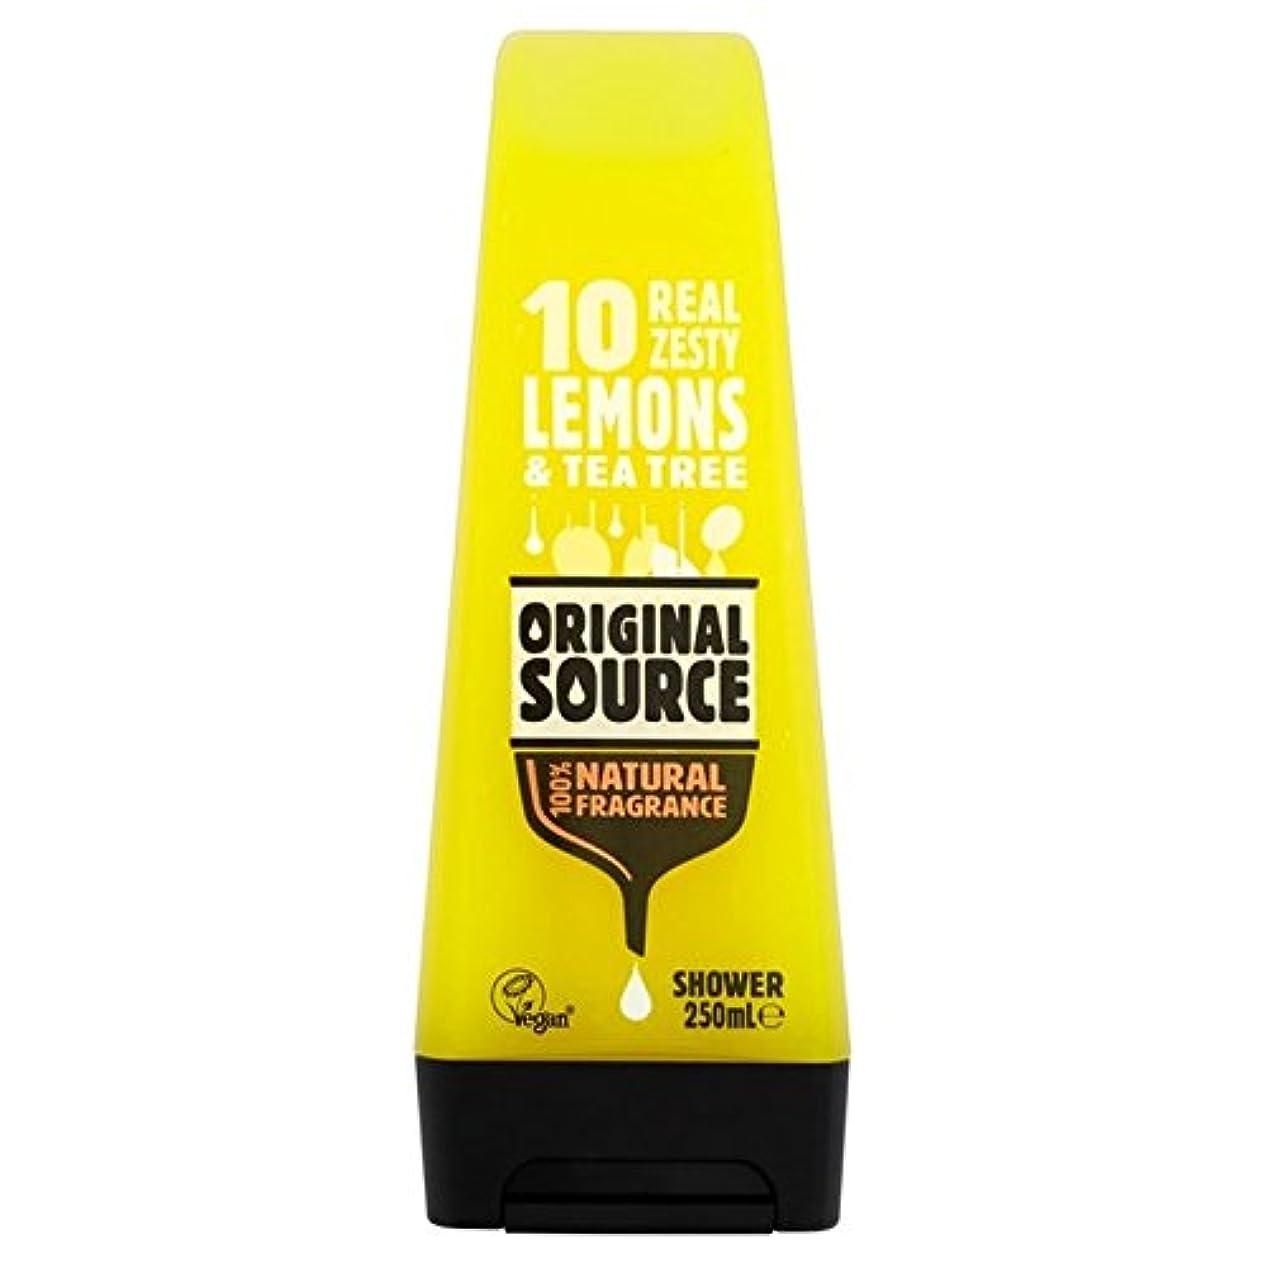 火山学ブロックするマウスピースOriginal Source Lemon Shower Gel 250ml (Pack of 6) - 元のソースのレモンシャワージェル250ミリリットル x6 [並行輸入品]